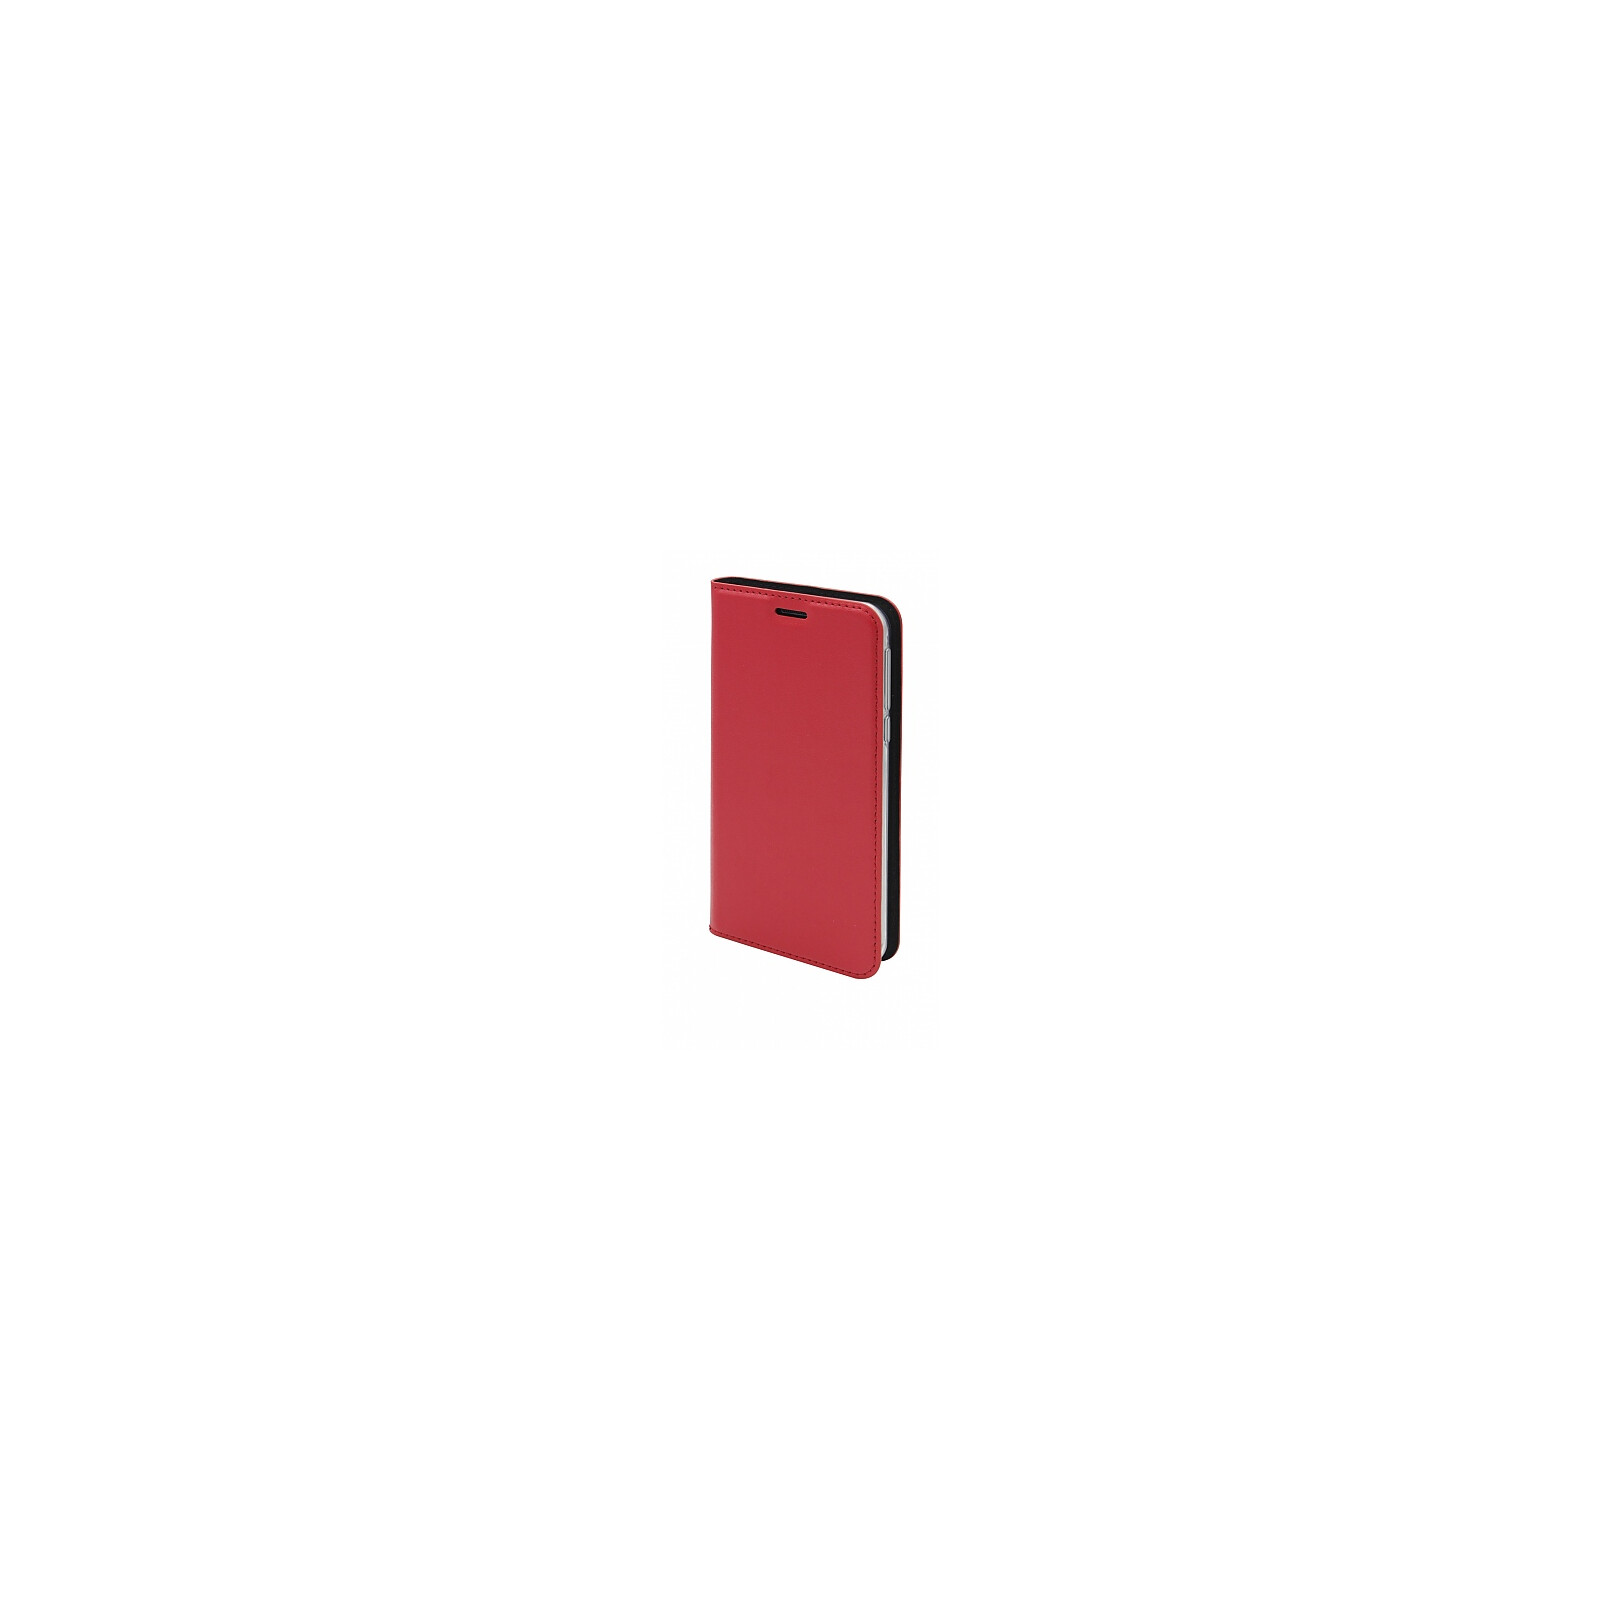 Emporia Booktasche Original Emporia Smart S3 Mini rot